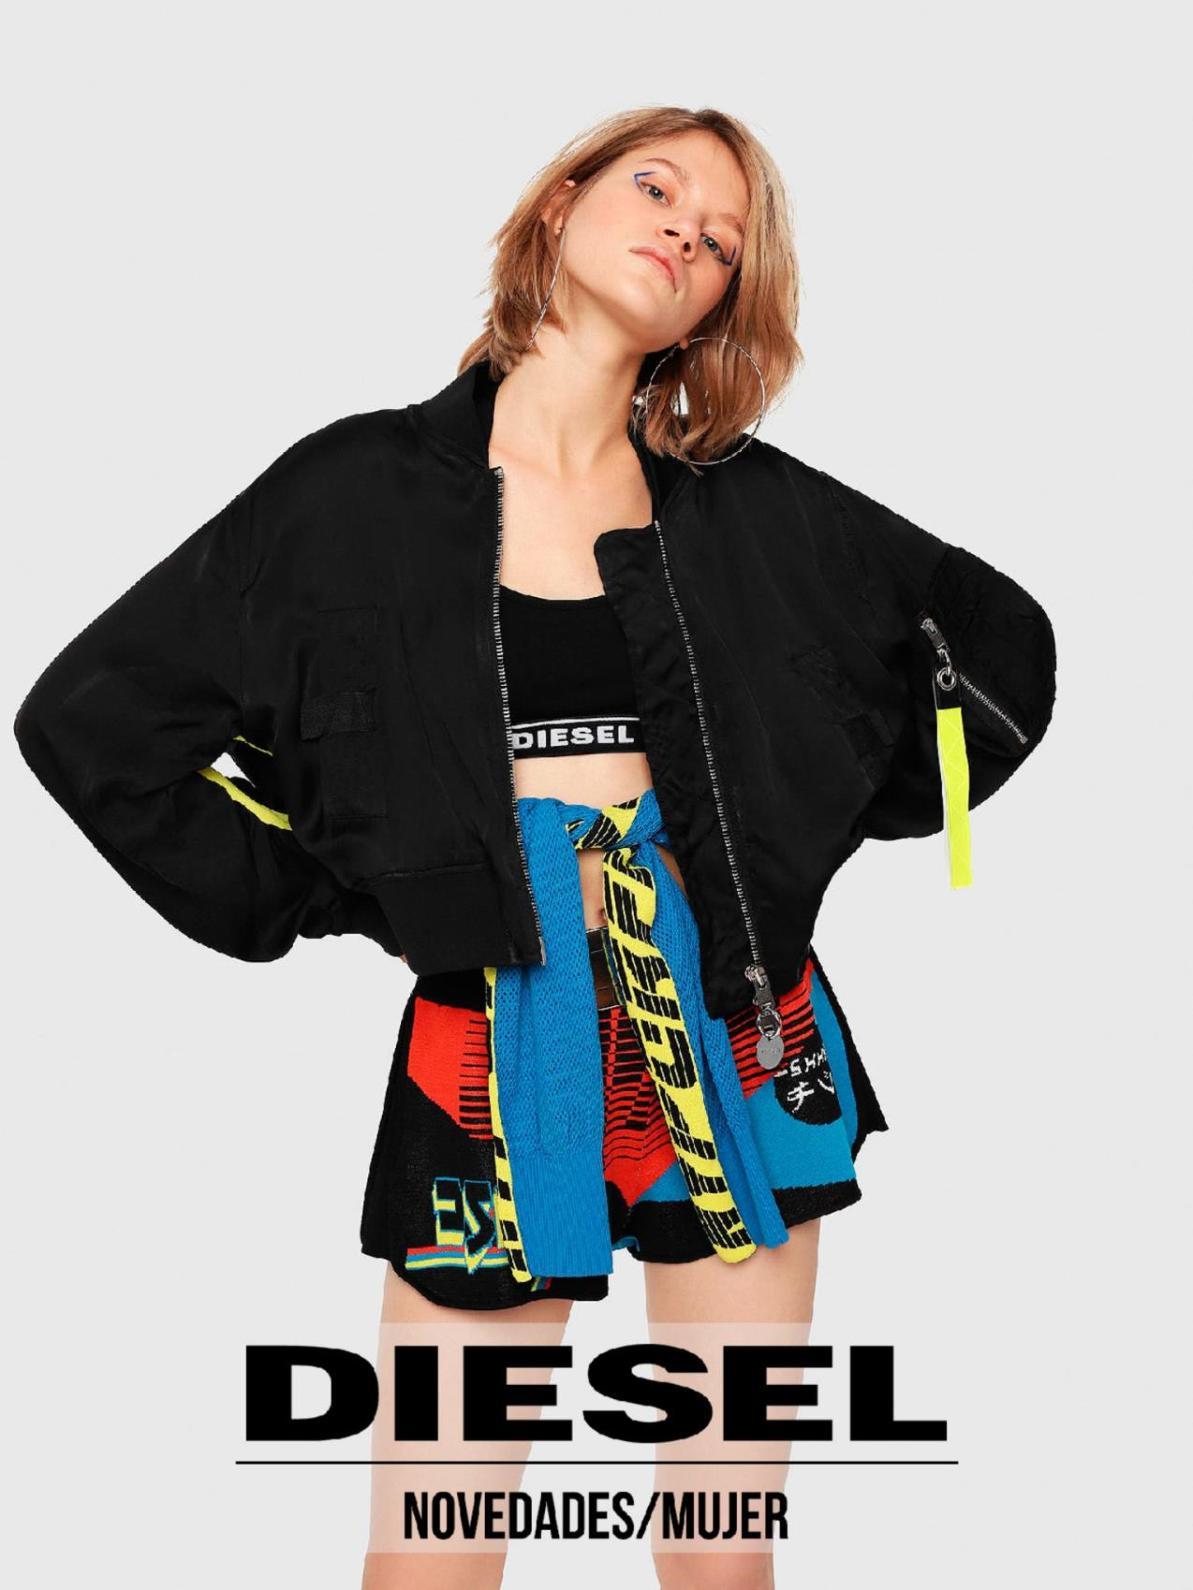 Diesel - 2019/05/11 - Catálogo Diesel Woman.